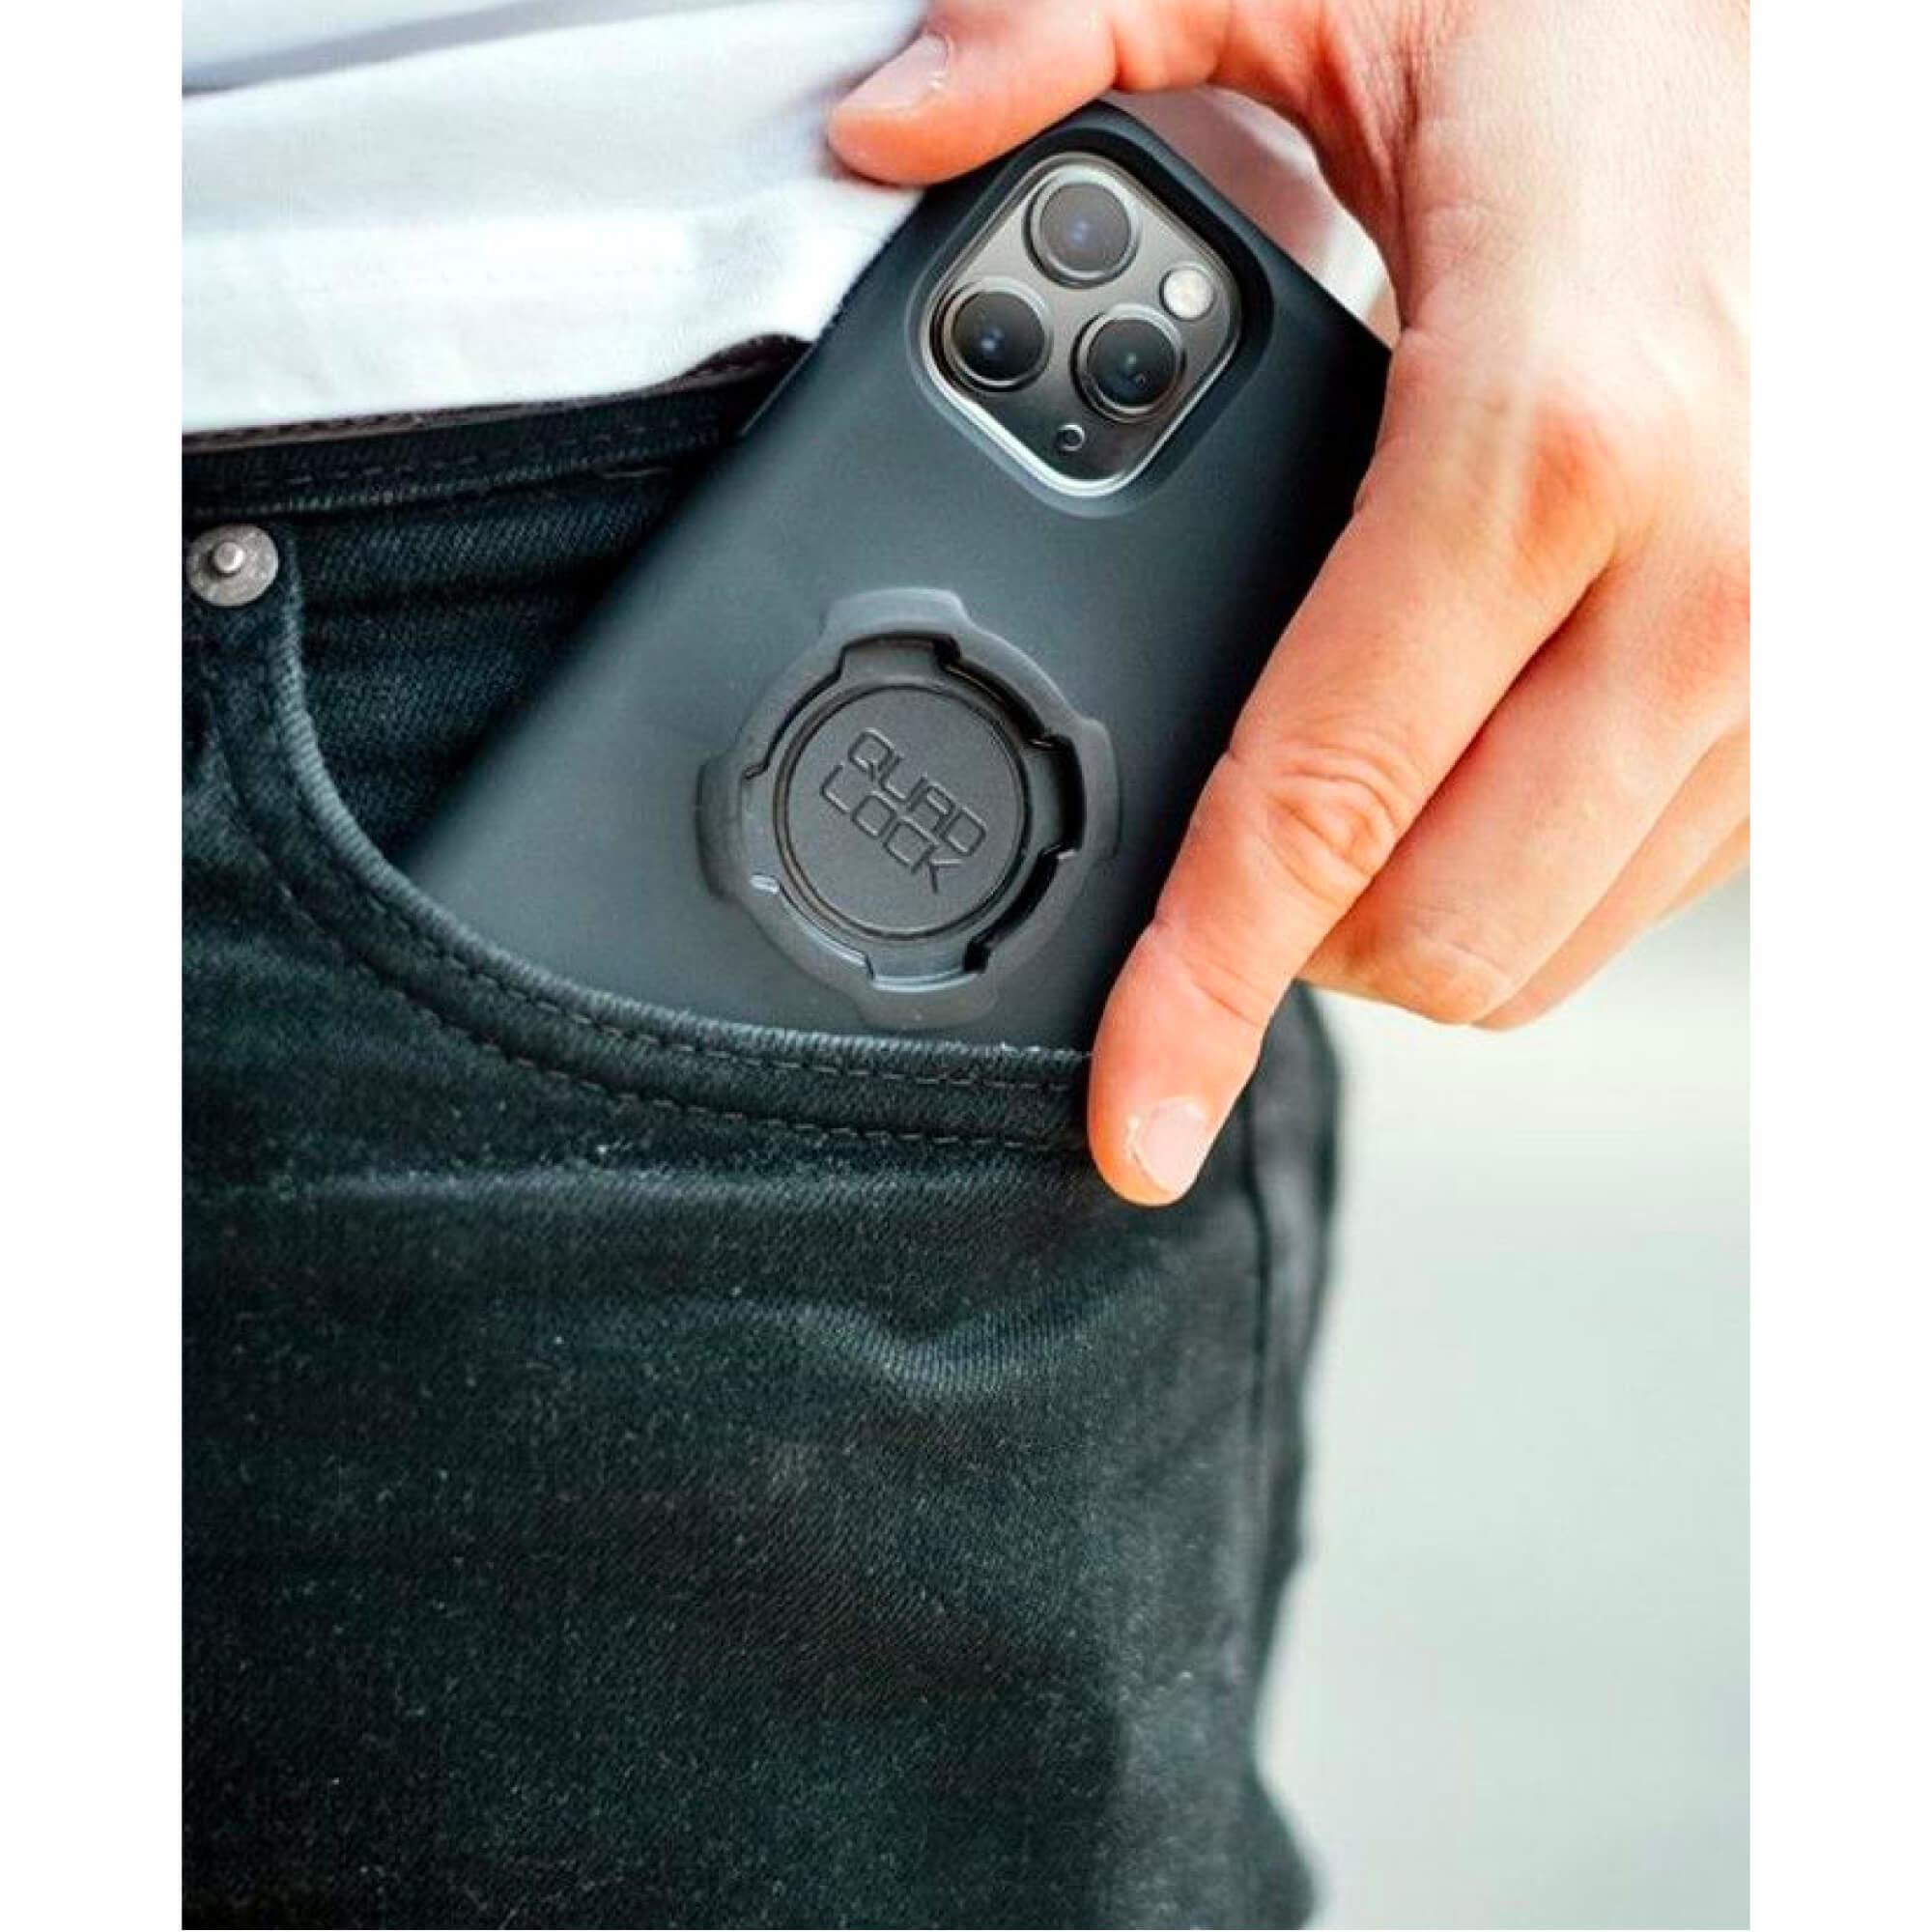 Case Iphone 11 Pro Max-2